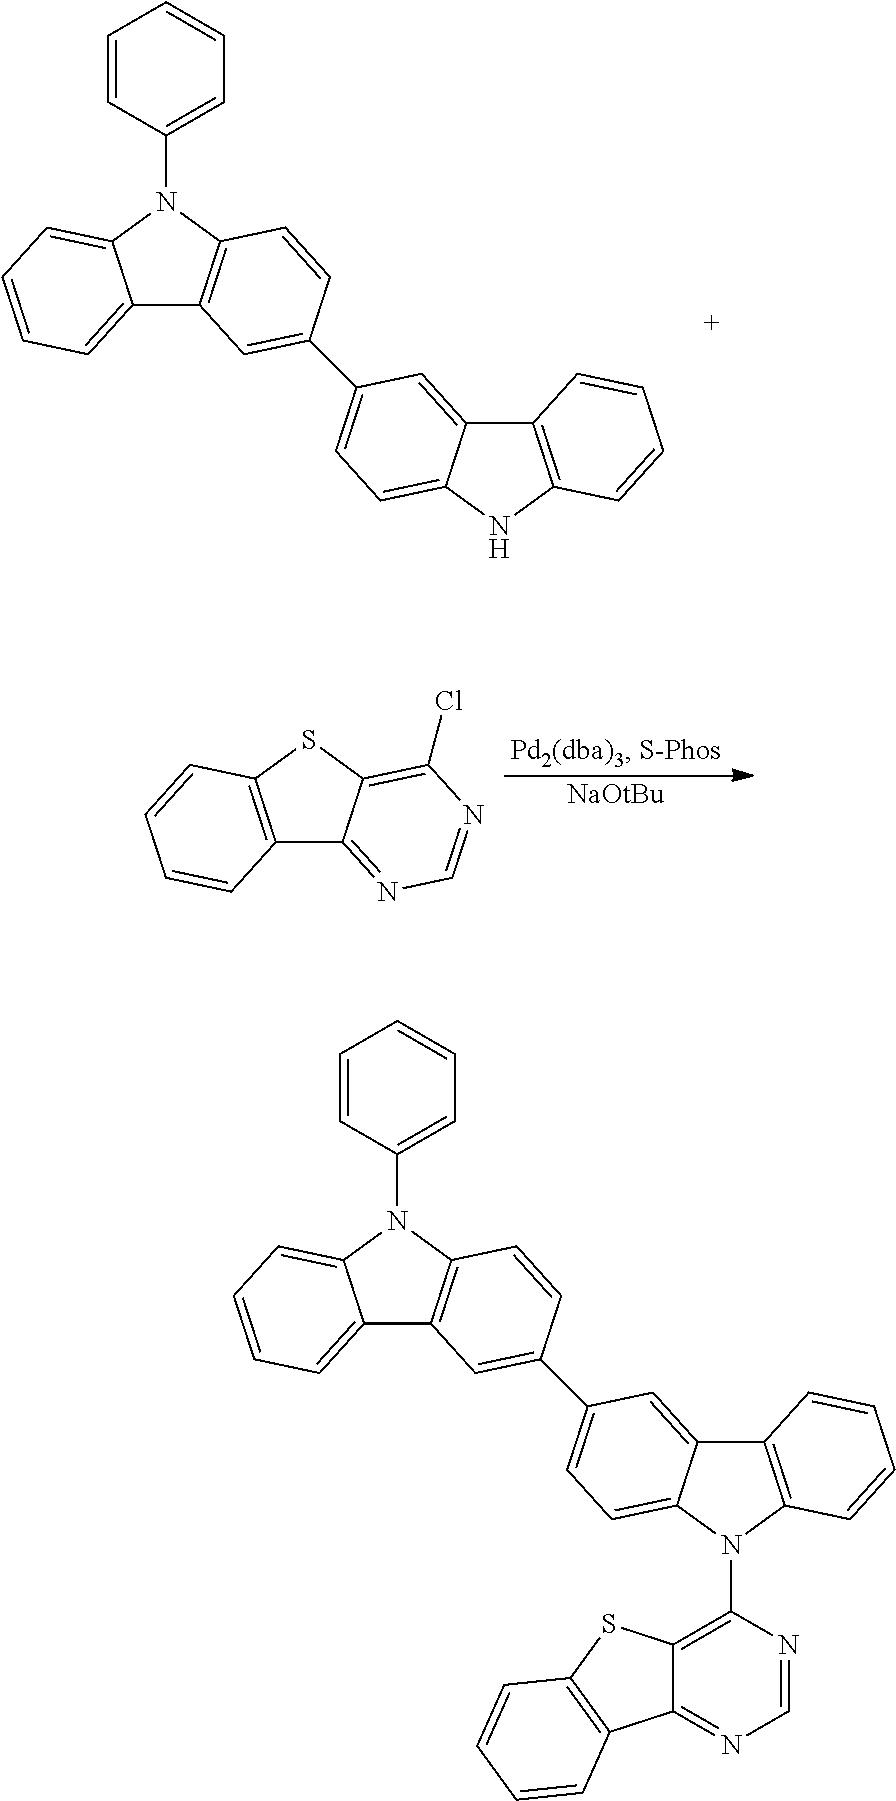 Figure US09553274-20170124-C00216